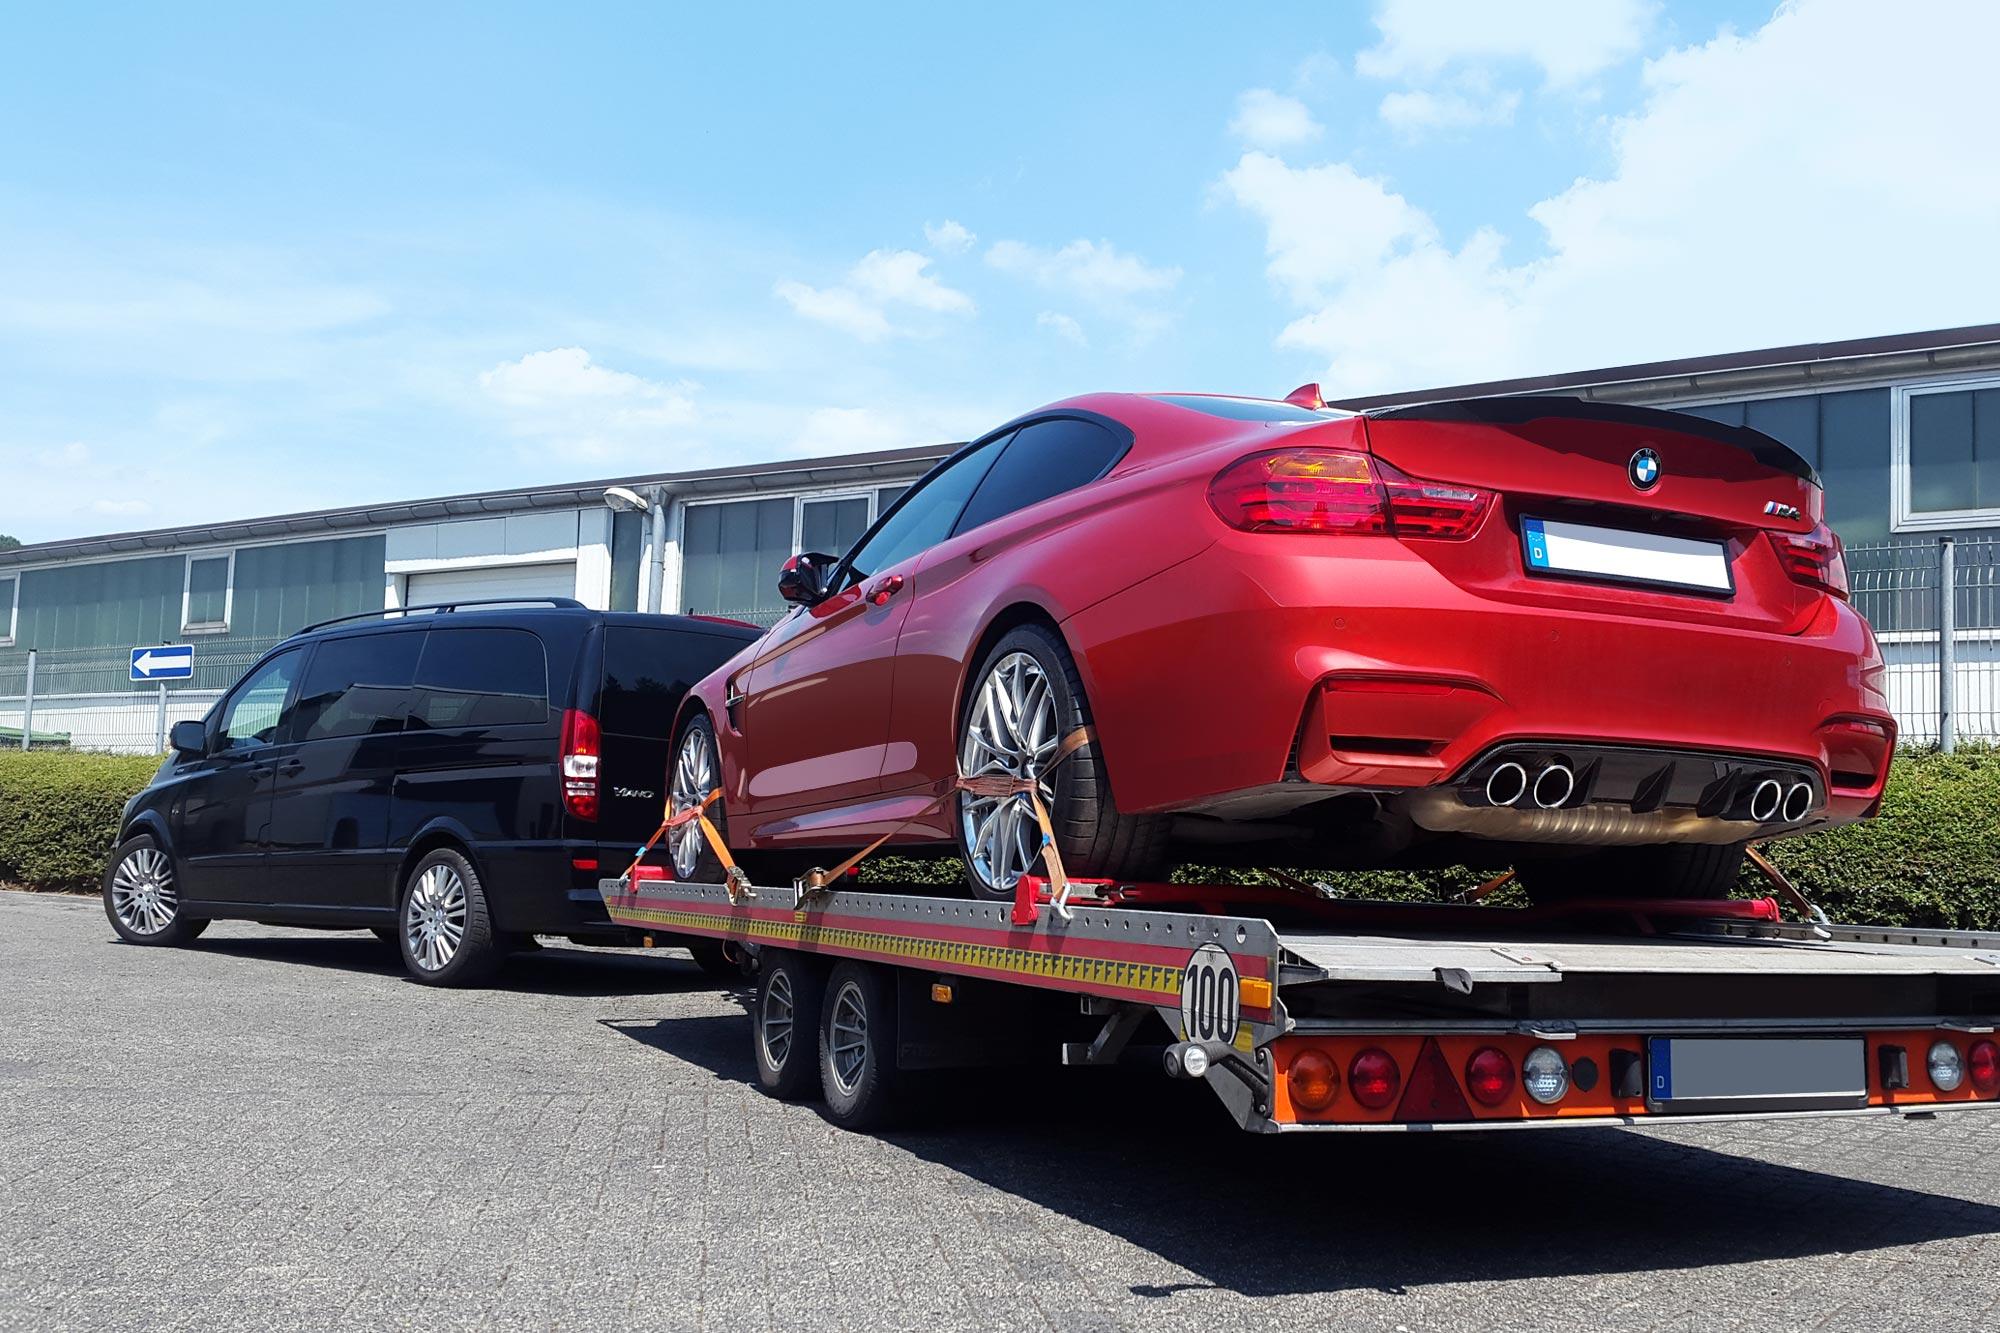 Motorschaden beim BMW F82 M4